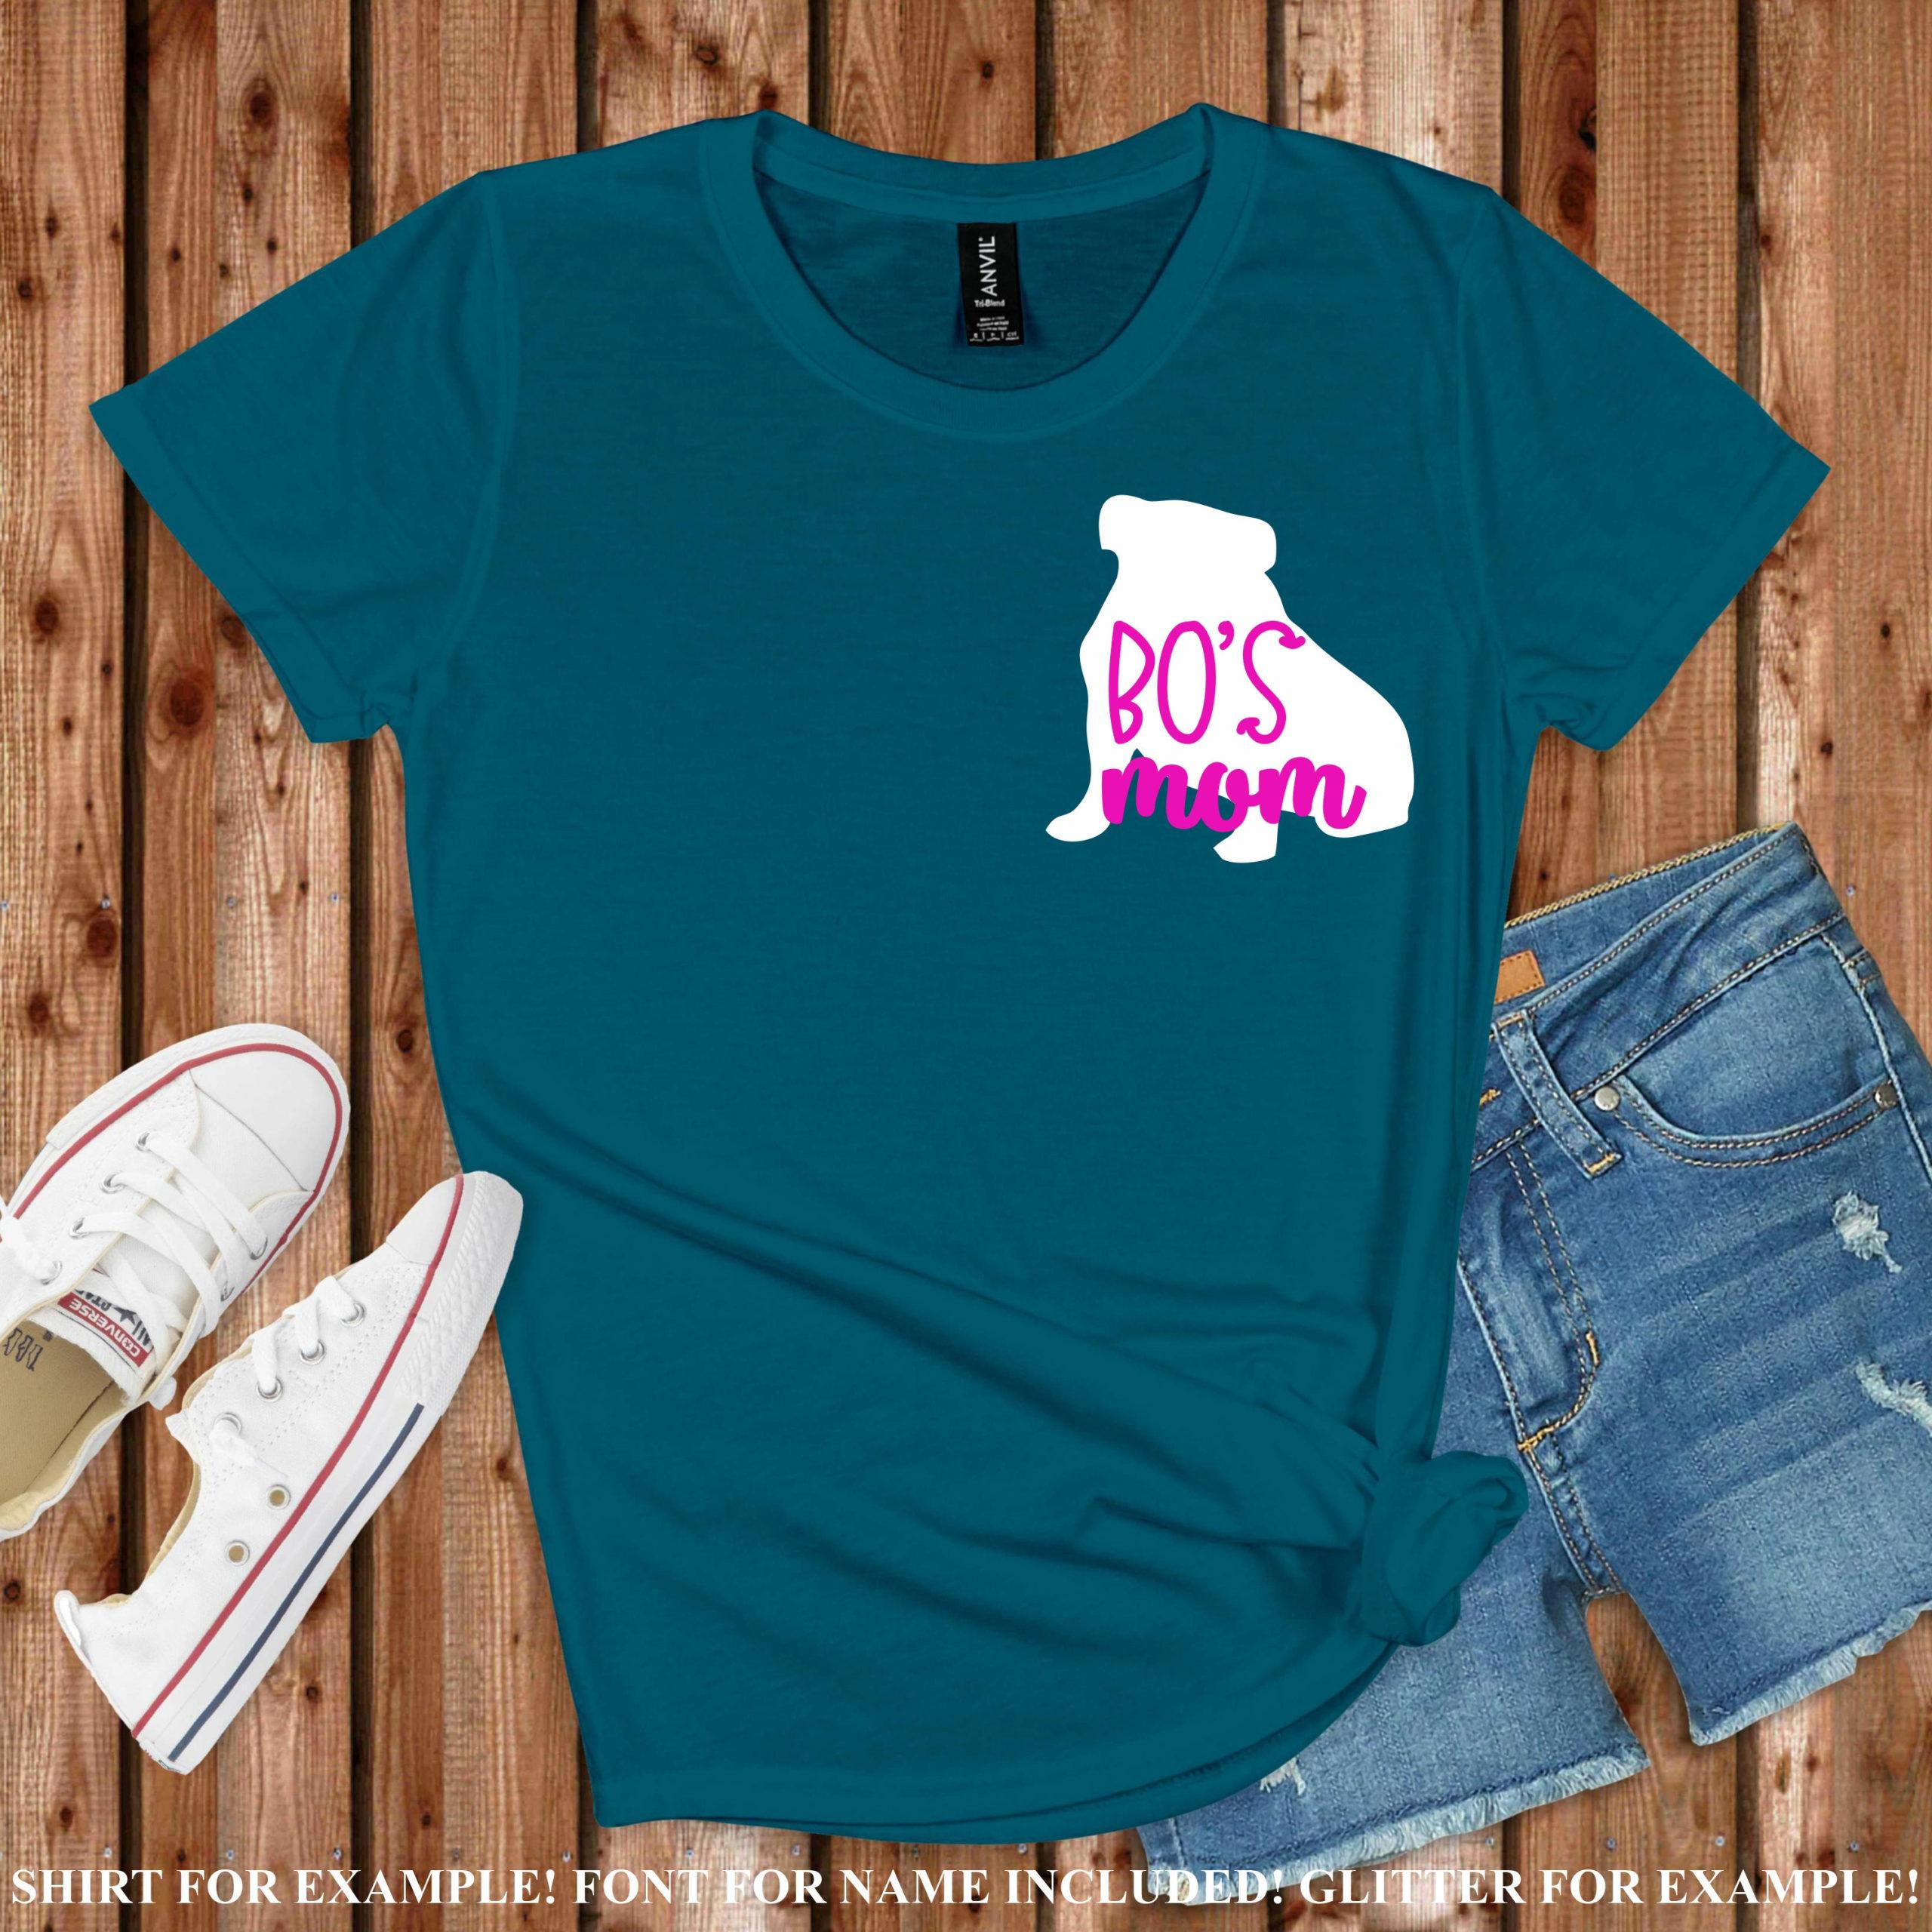 Bulldog-mom-svg-dog-mom-svg-bulldog-svg-bulldog-mommy-svg-doggy-mom-svg-cuttable-svg-designs-cuttable-cut-file-cricut-svg-60513142